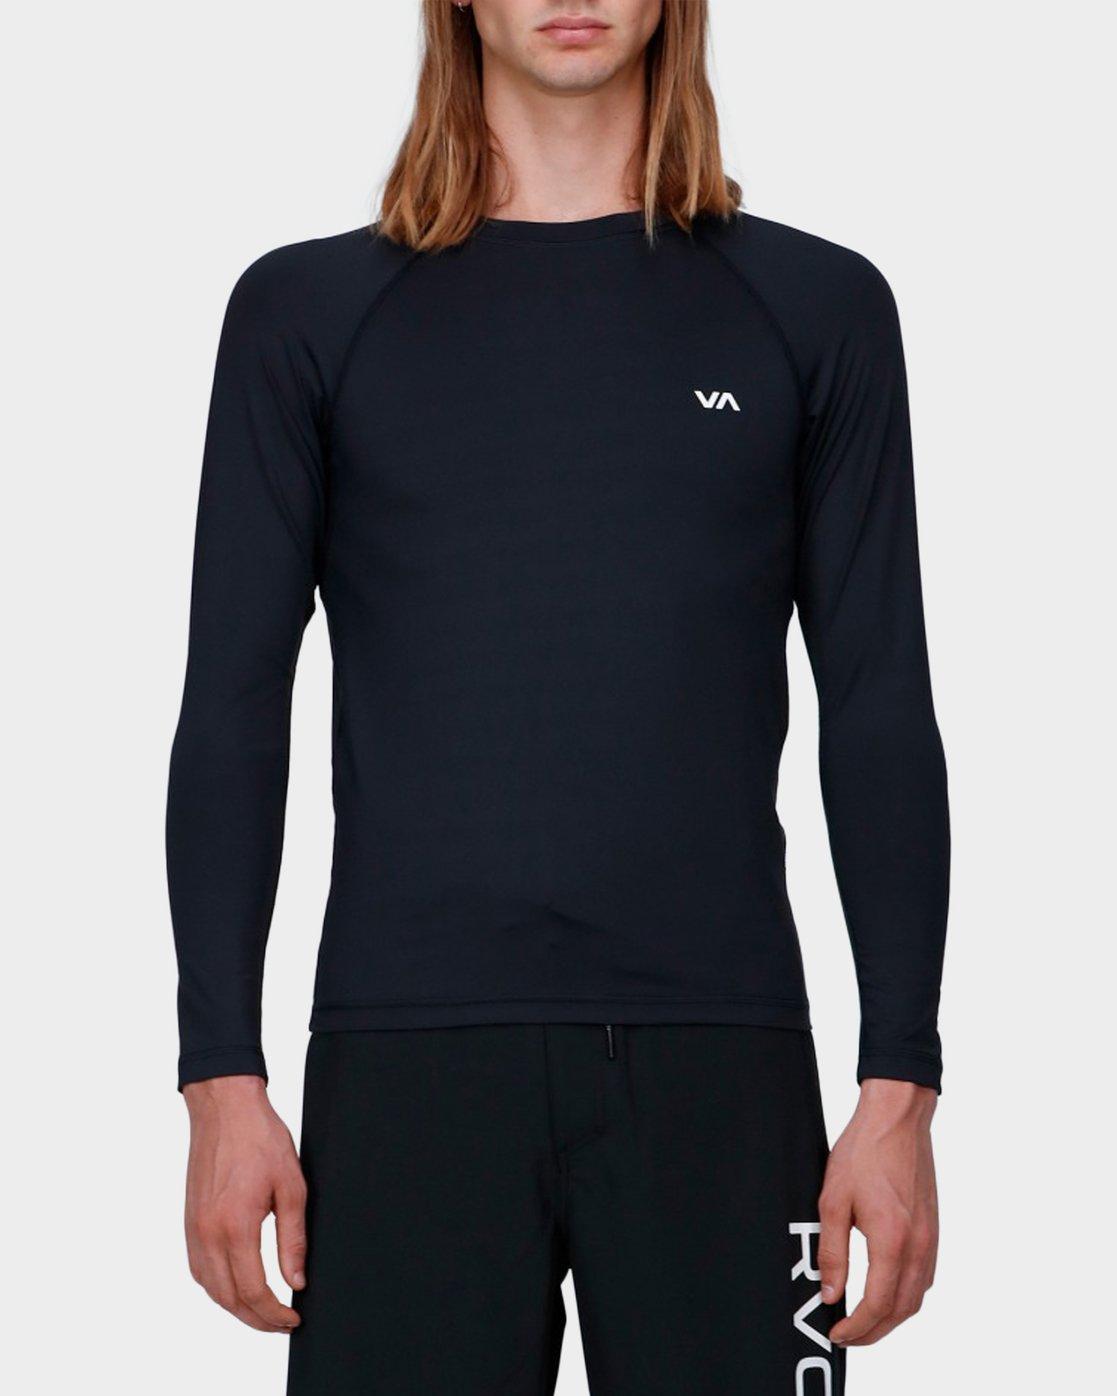 0 Va Sport Compression Long Sleeve Top Black R371364 RVCA